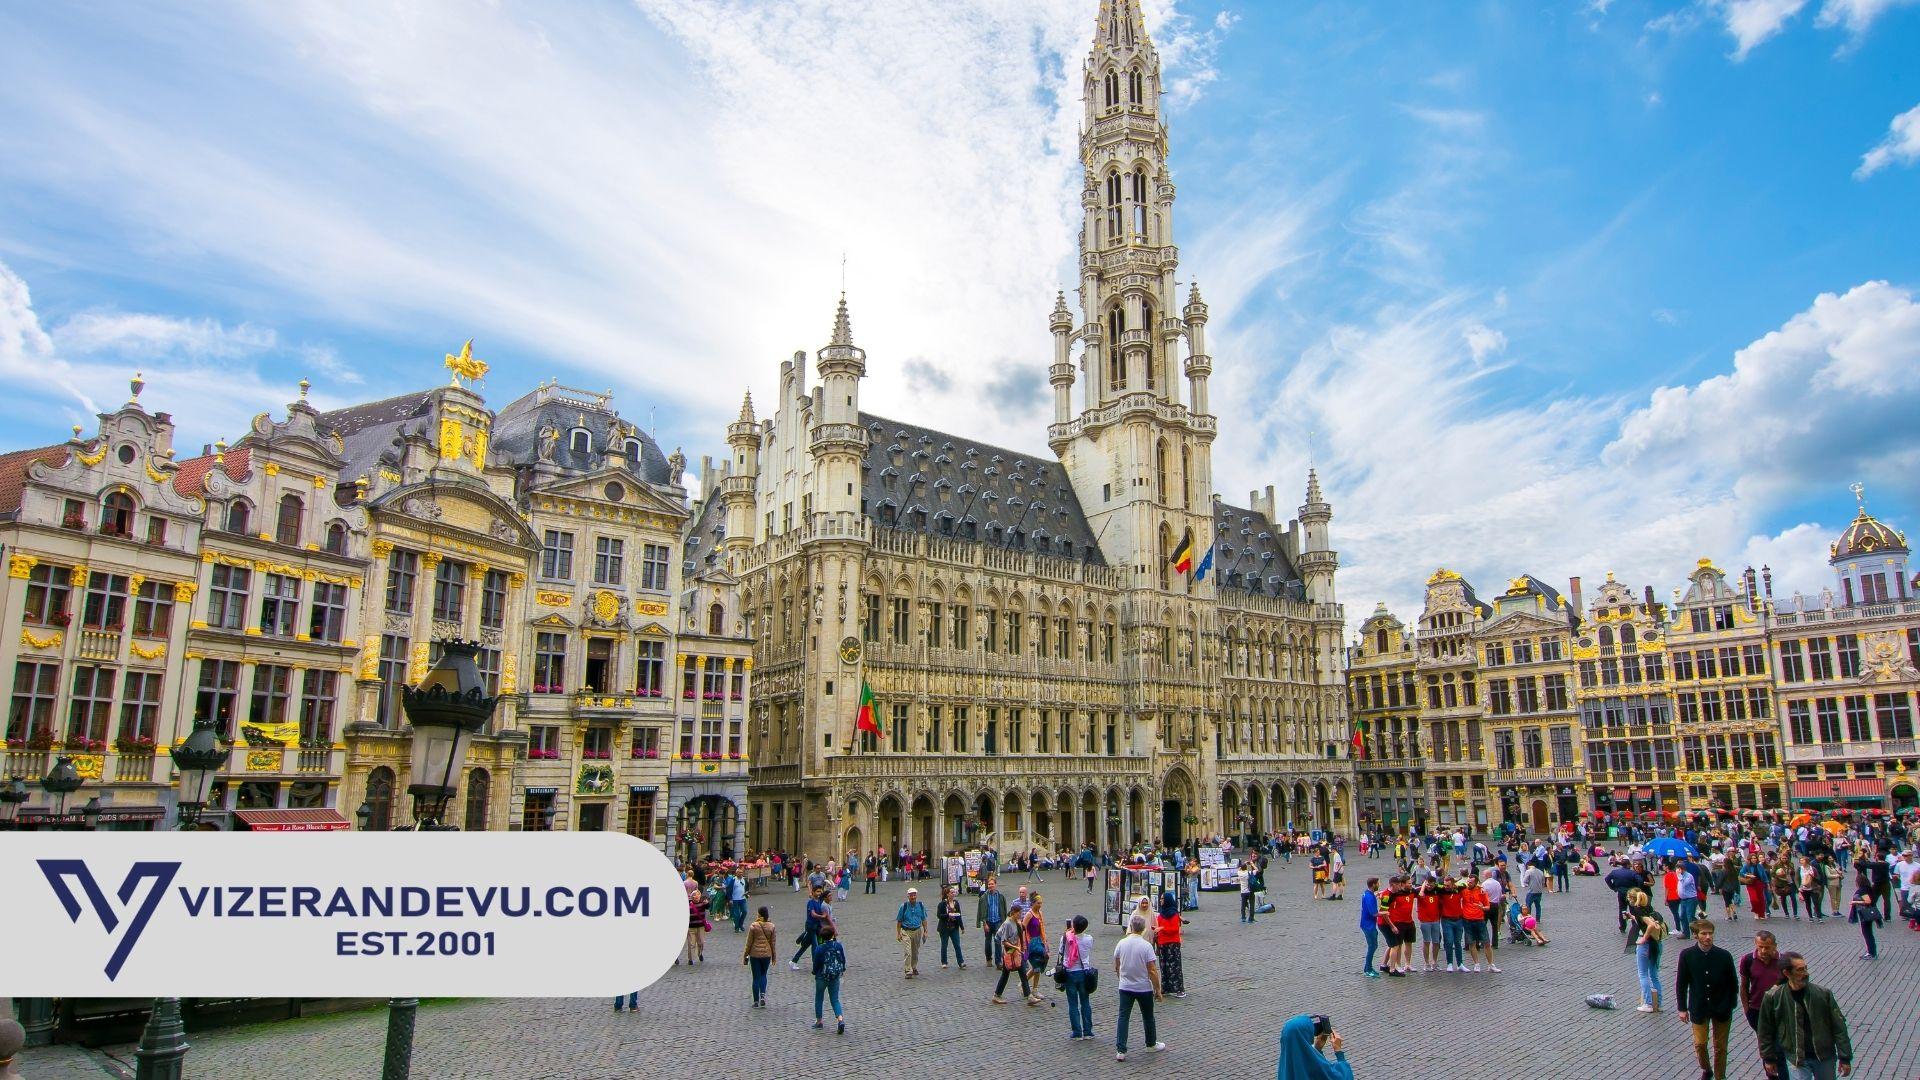 Belçika Oturum ve Vatandaşlık Başvurusu